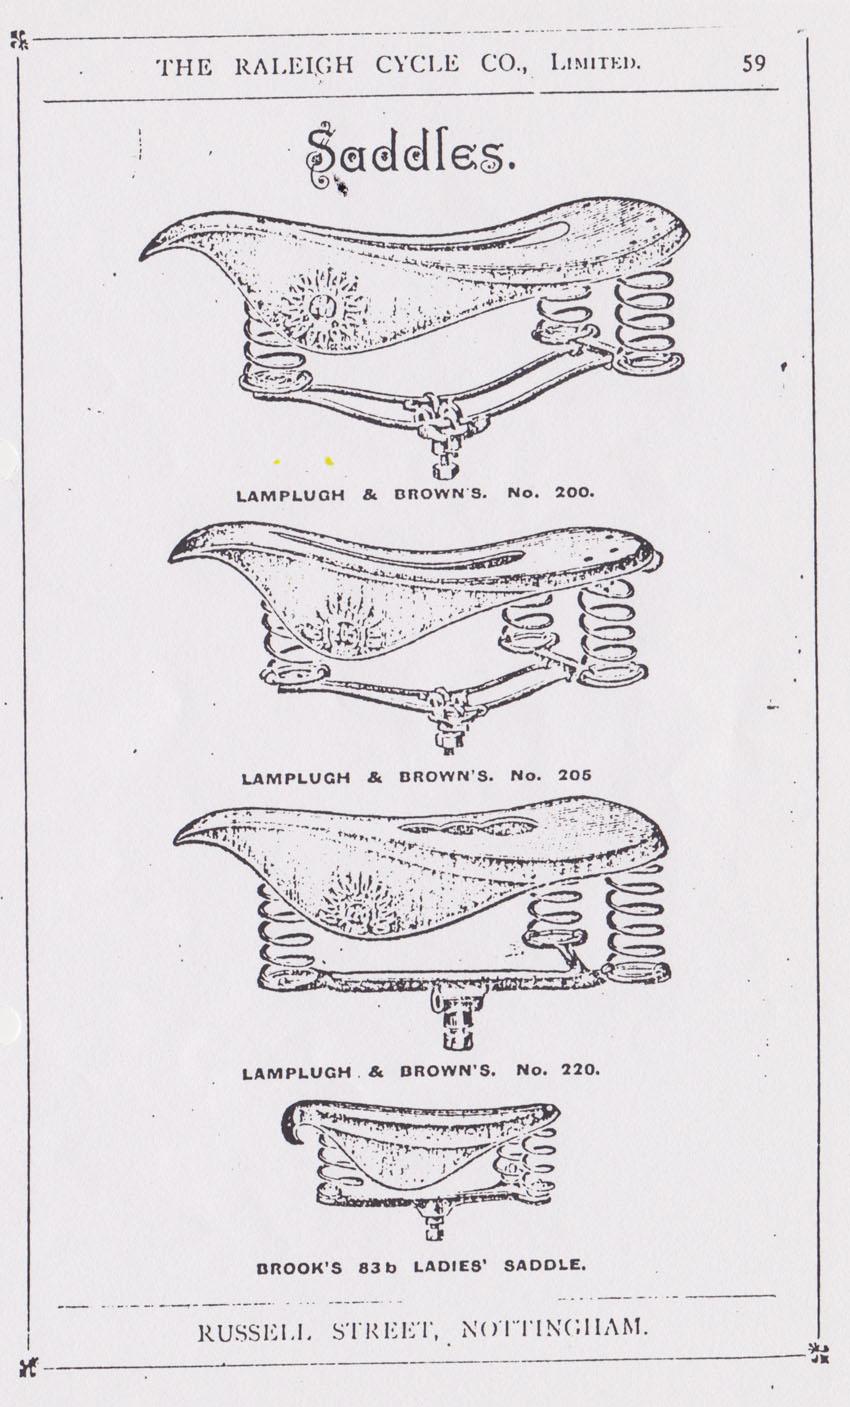 1890_Raleigh_Catalogue_59